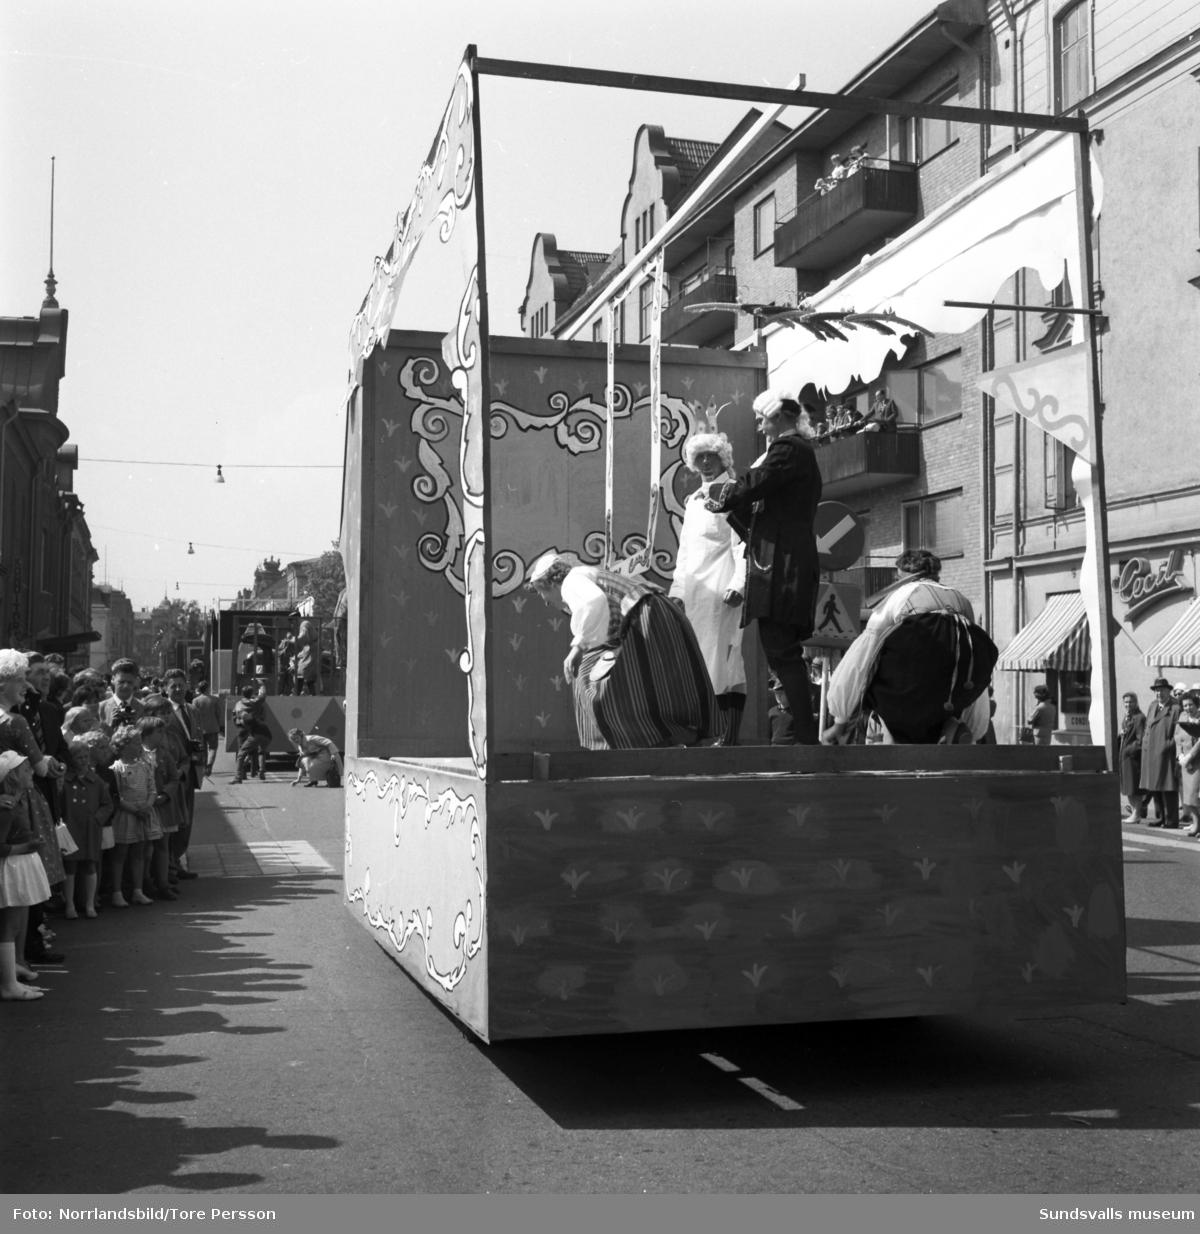 Barnens dags-tåget genom Sundsvall 1961. Bilderna är huvudsakligen från Köpmangatan och leds av Ridande poliser och en blåsorkester. Därefter följer olika dekorerade fordon med barn och vuxna i konstfulla kostymer och med insamlingsbössor.